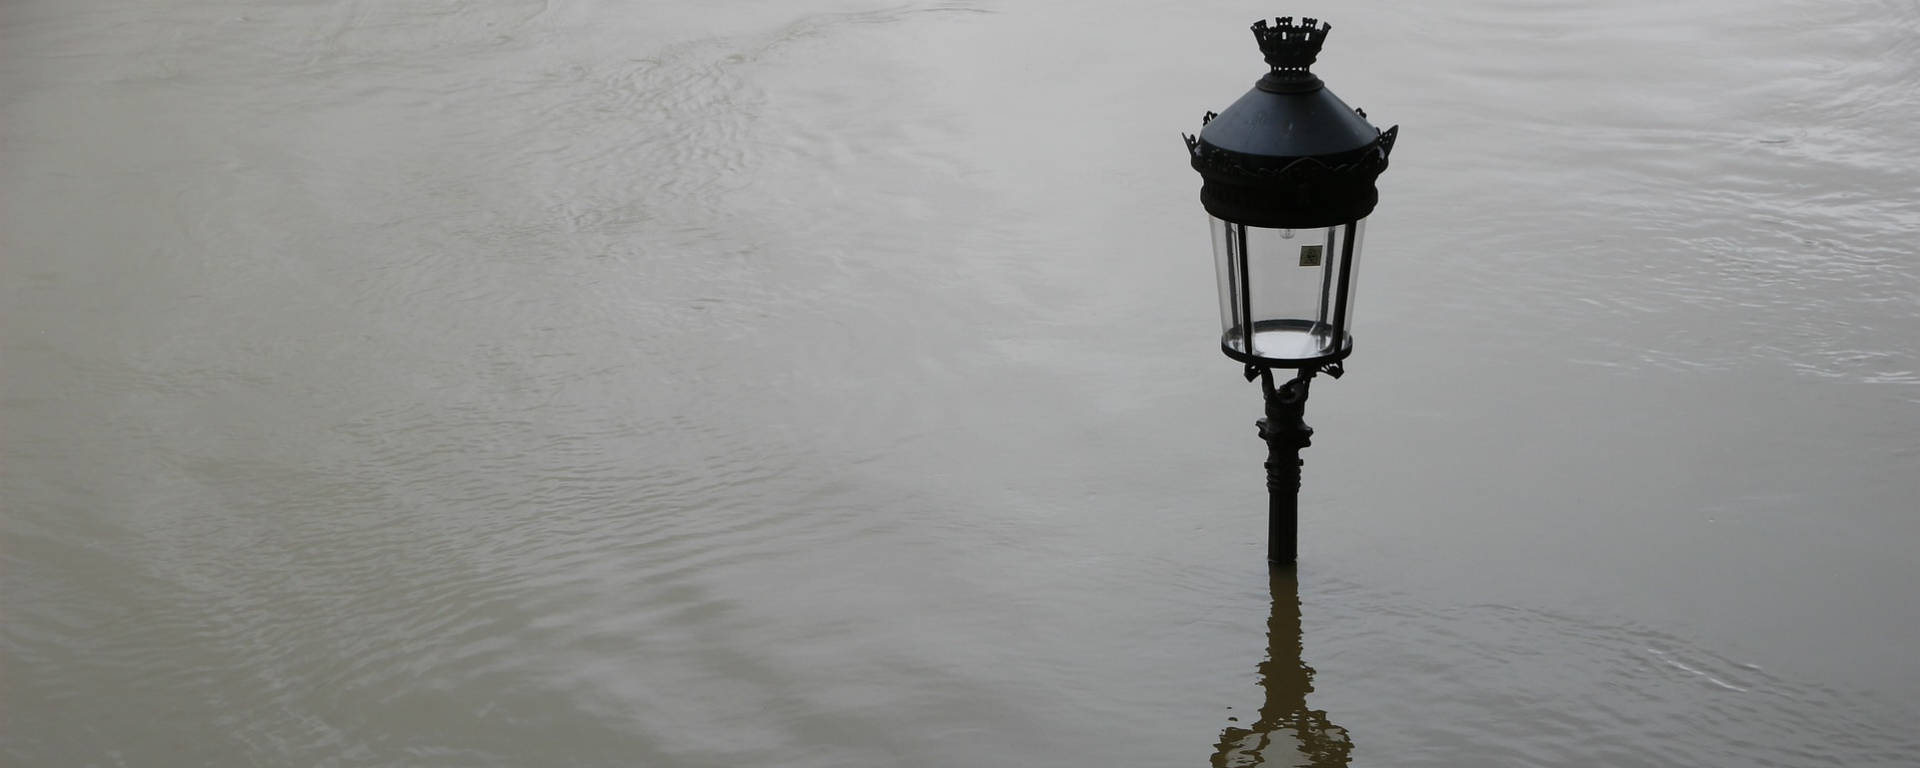 Crue fleuve Rhône